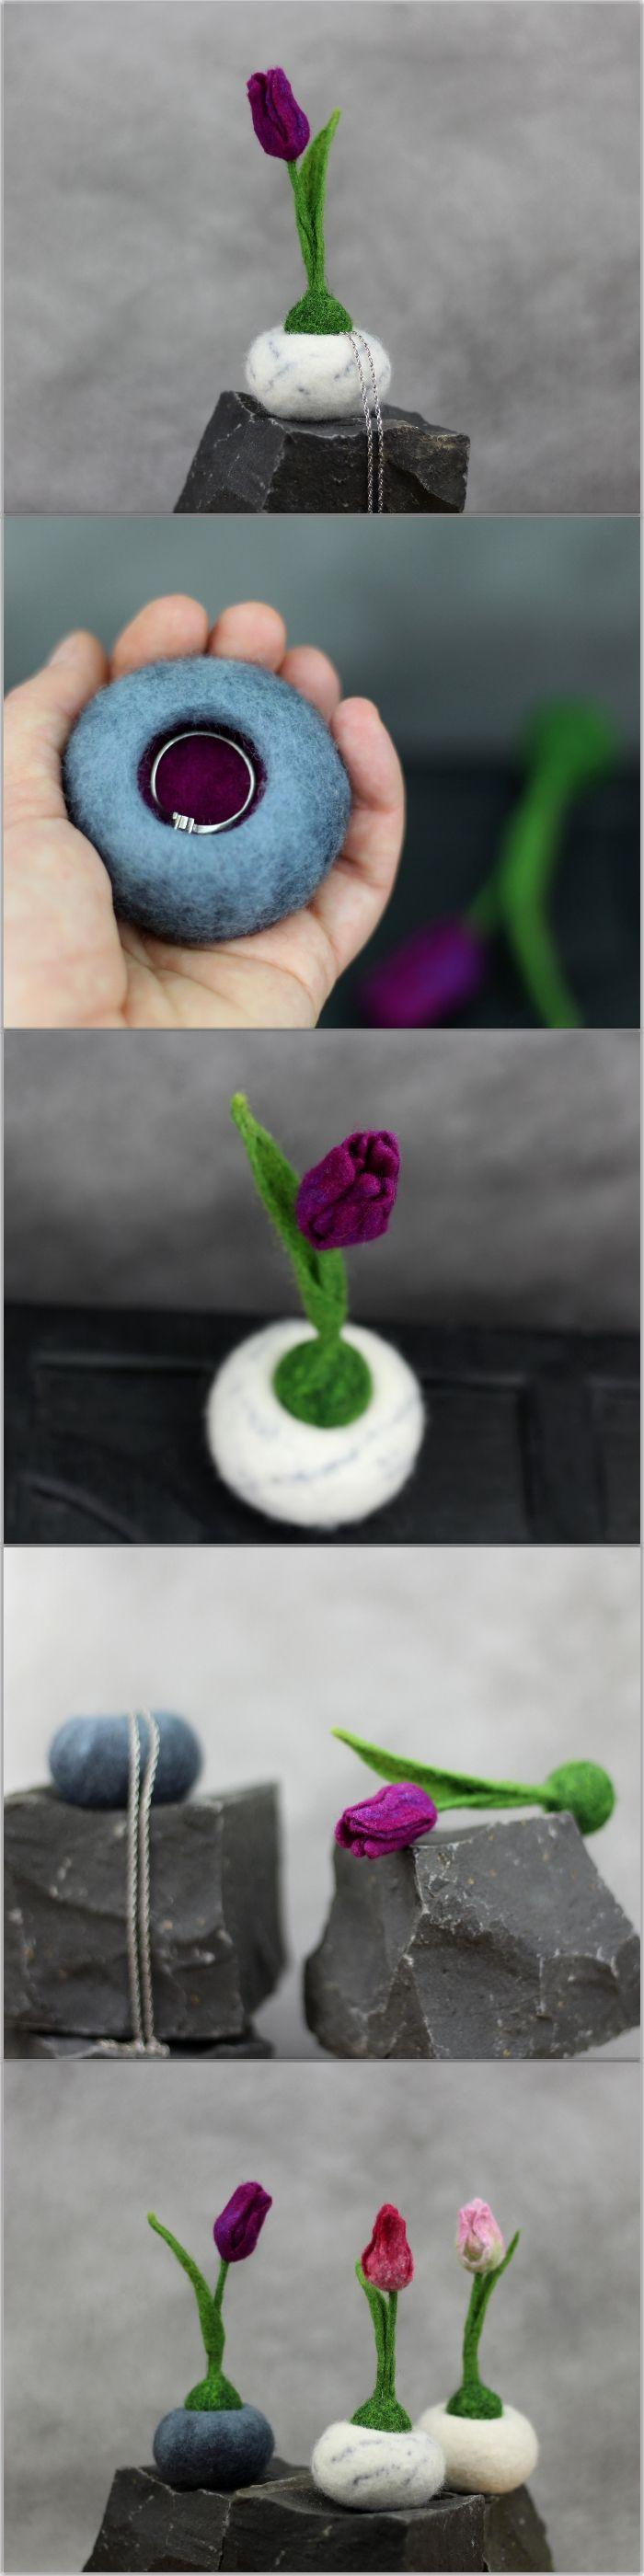 #giftforher #giftideas #ringbearer #ringbox #engagementringbox #proposalringbox #proposalidea #weddingringbox #giftformom #Ringpillowalternative Will you marry me you Marry me Ring box #Tulip #purple Ring Pillow Alternative Ring box Proposal Ring holder Wedding Ring box Engagement For her Gift mom #Ringdose #Hochzeit #Ringetui #Antrag #Ringbox #Schmuckdose #Gefilzt #Tulpe Für sie #Geschenk Mutter Geschenk Verlobte #TaFiOLand